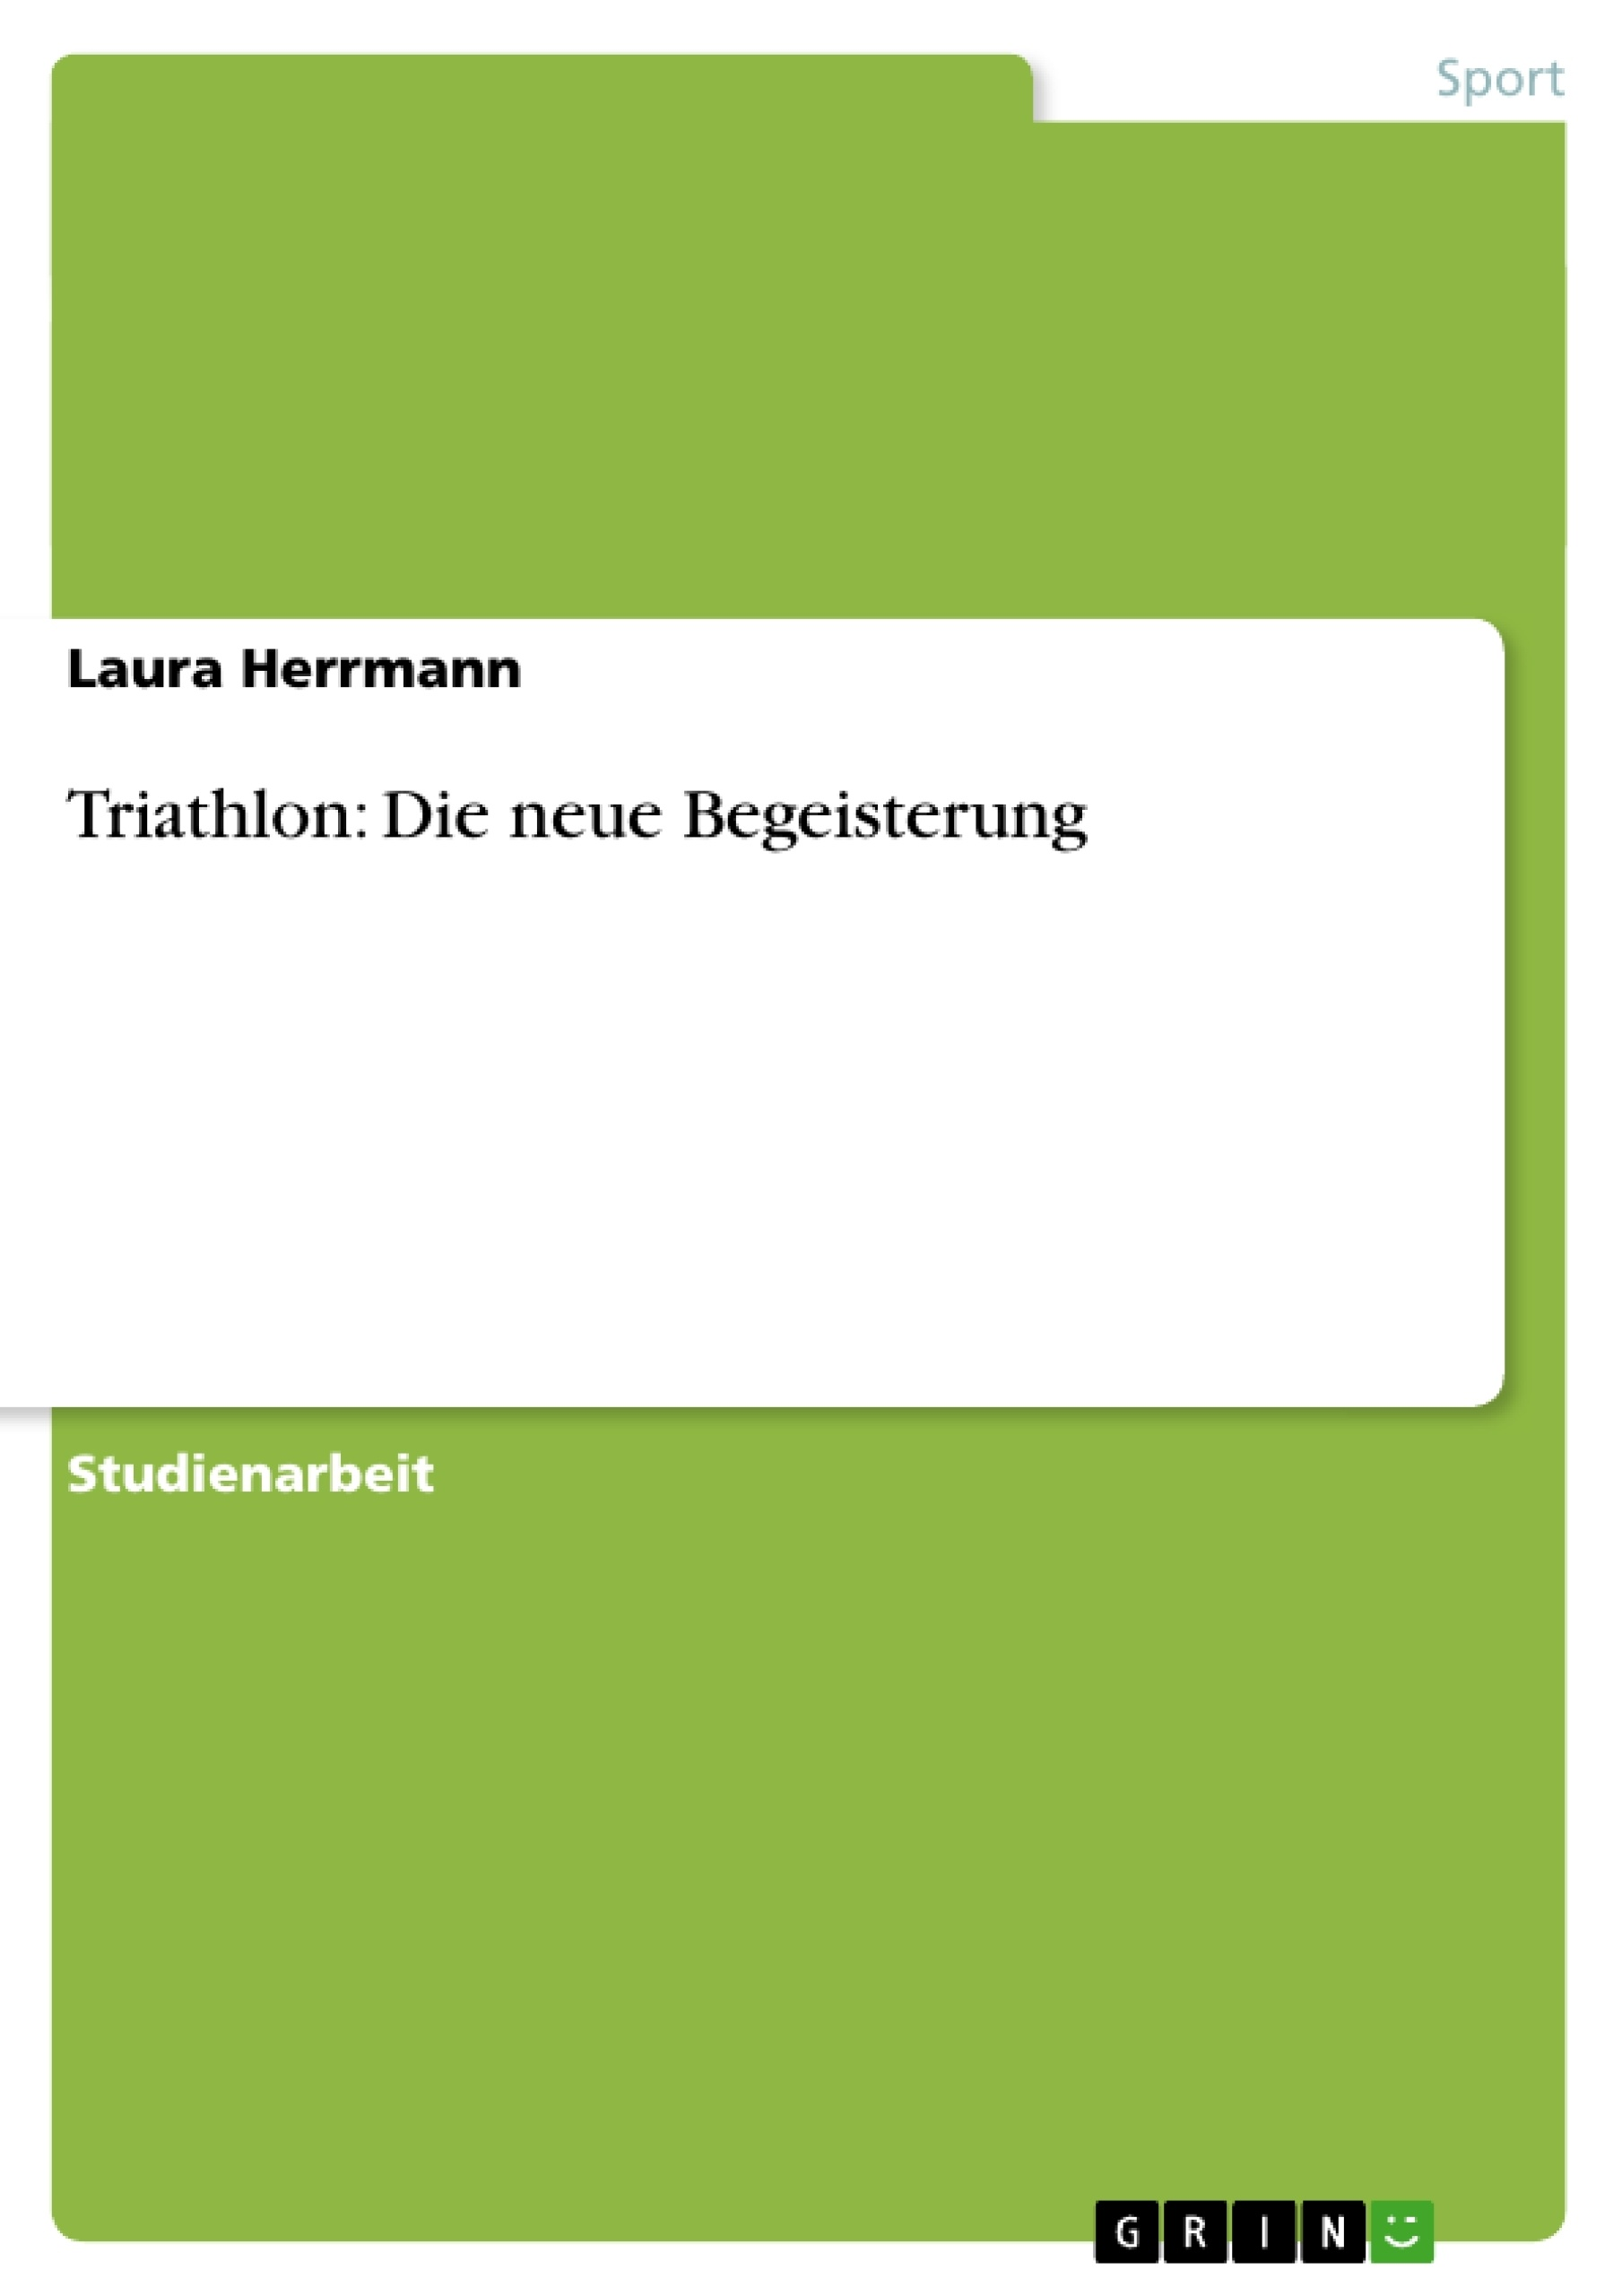 Titel: Triathlon: Die neue Begeisterung